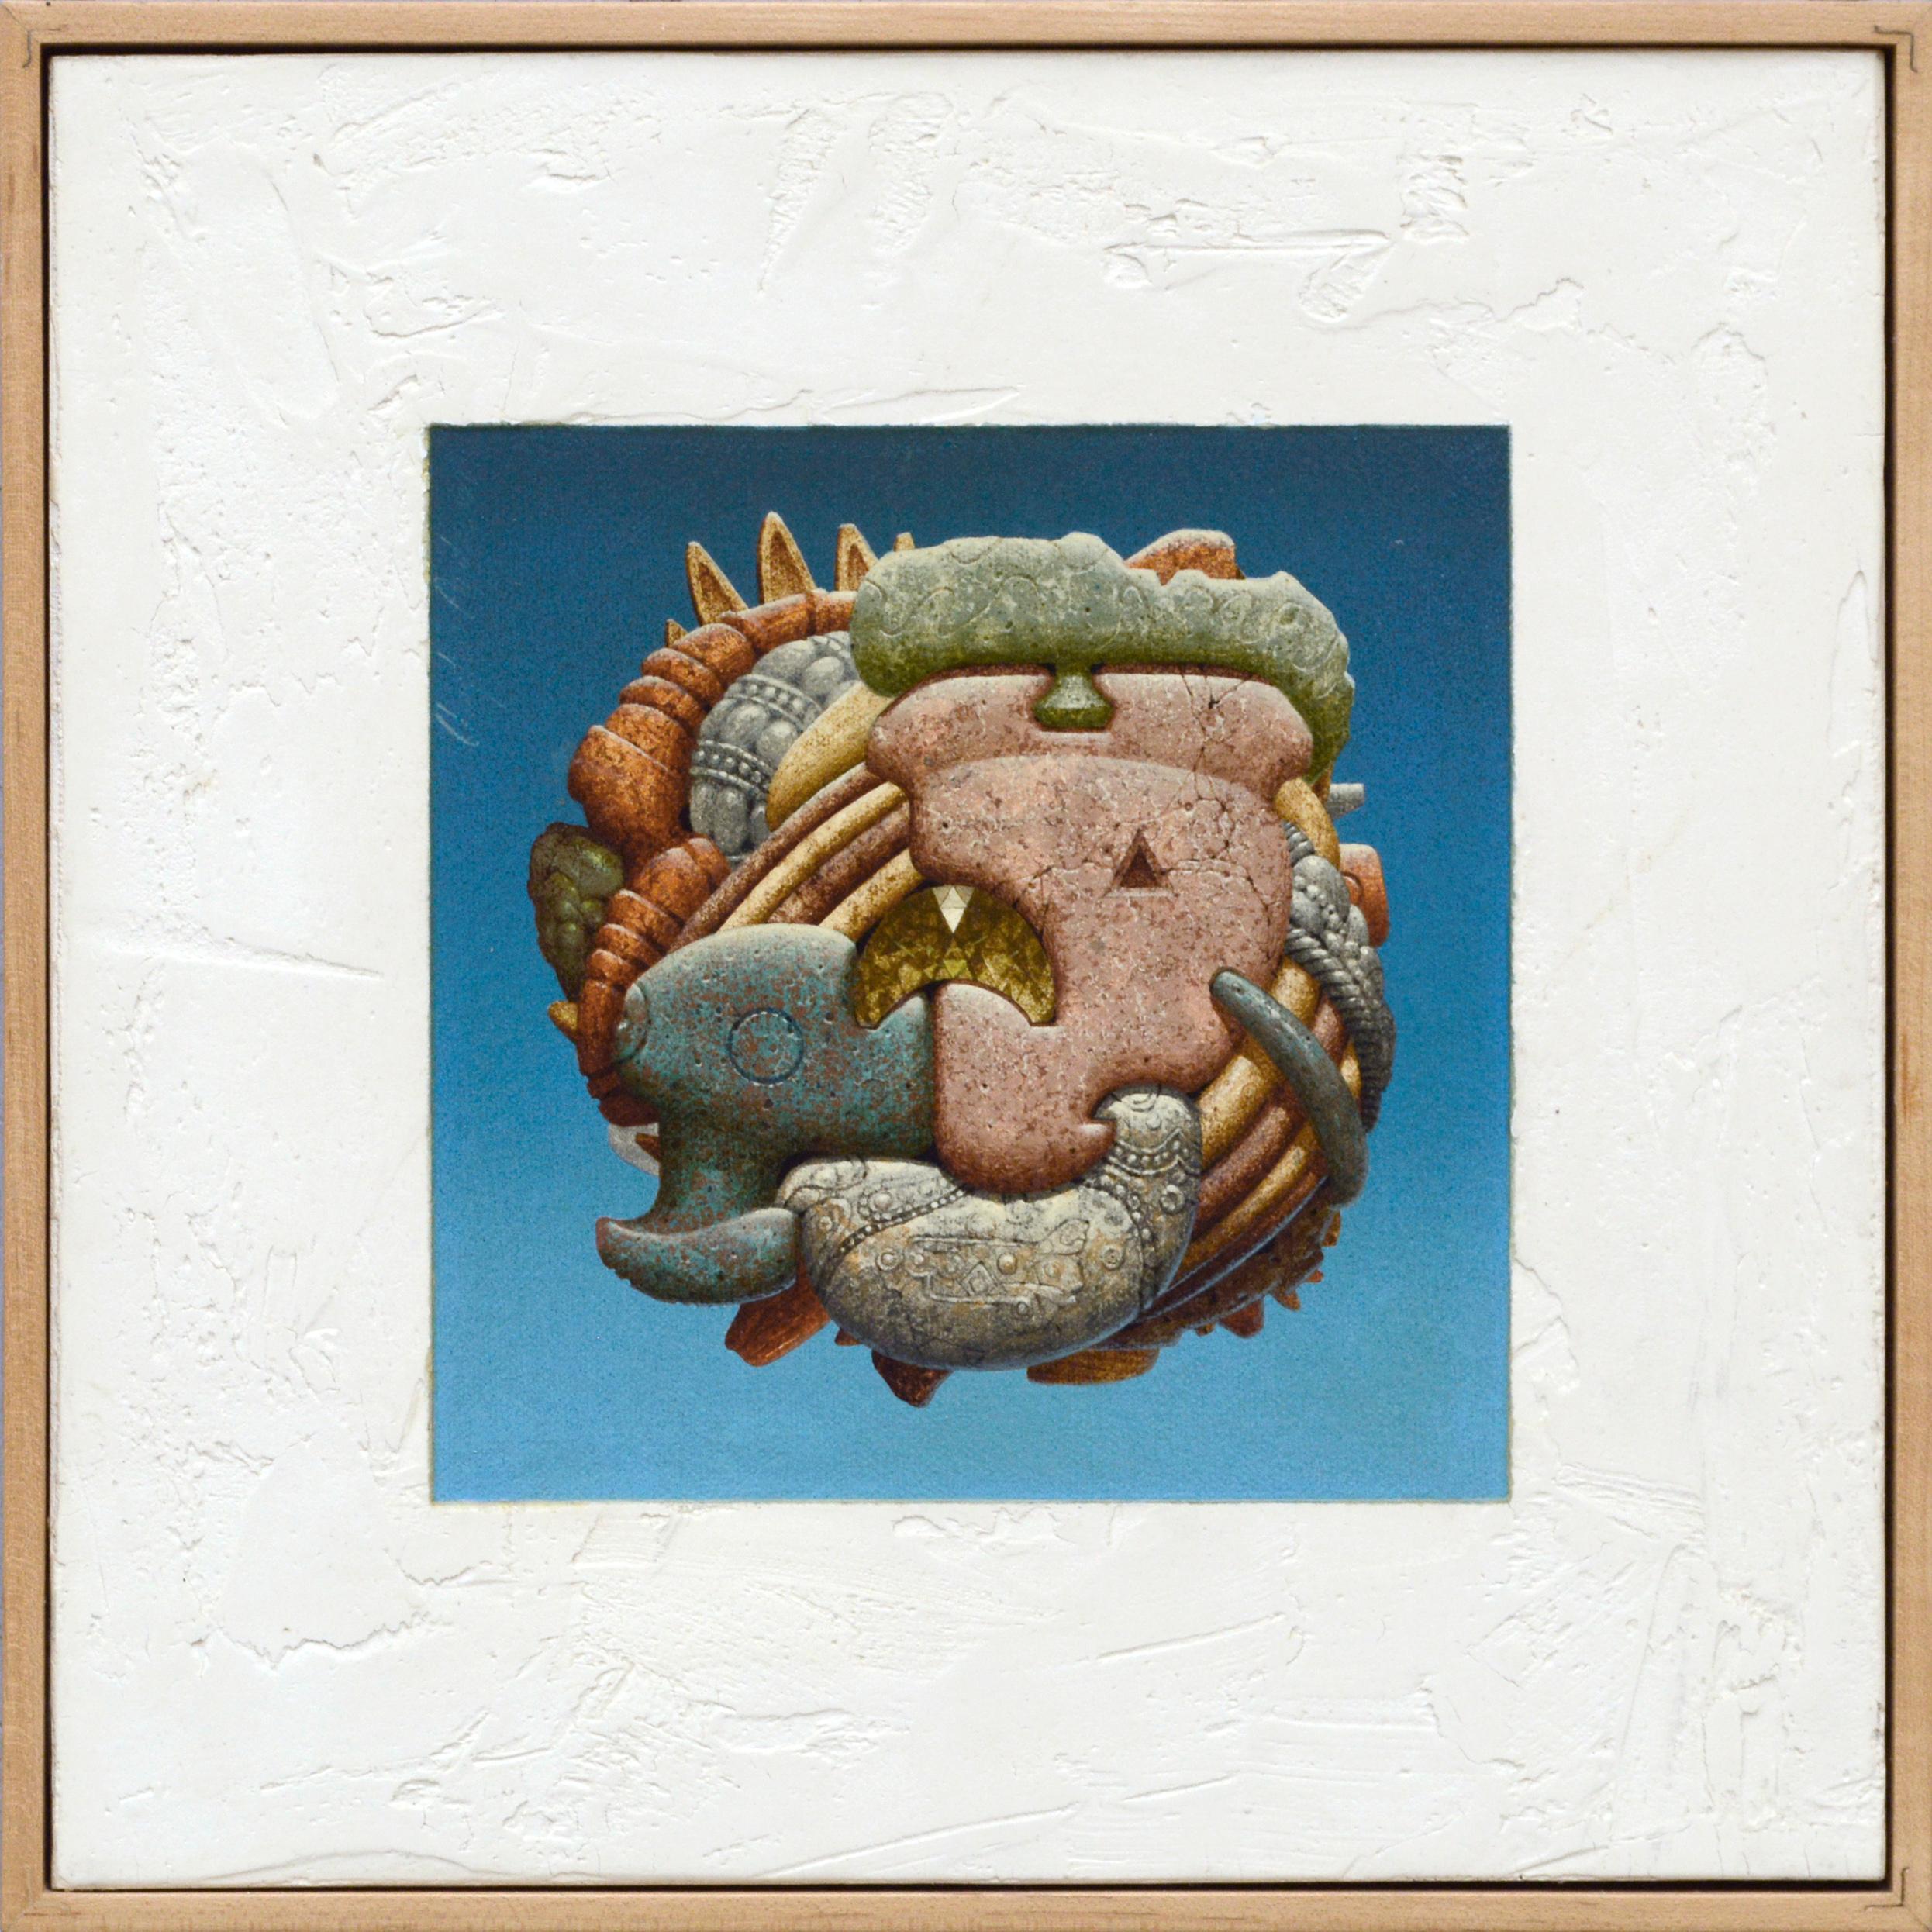 Surrealist Composition - Precious Stones